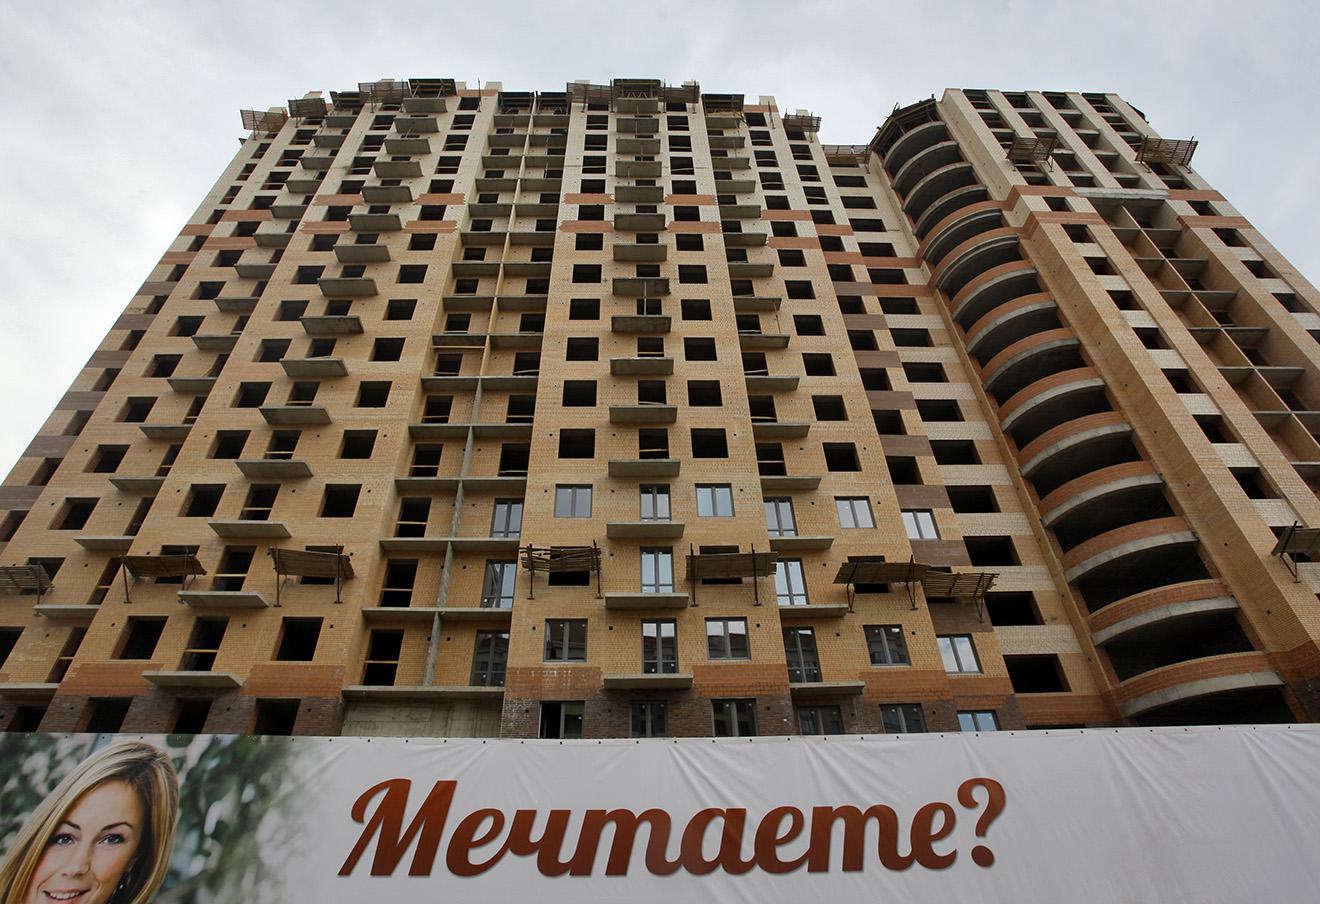 Жилищное строительство в Ленинградской области. Фото: Светлана Холявчук / ТАСС